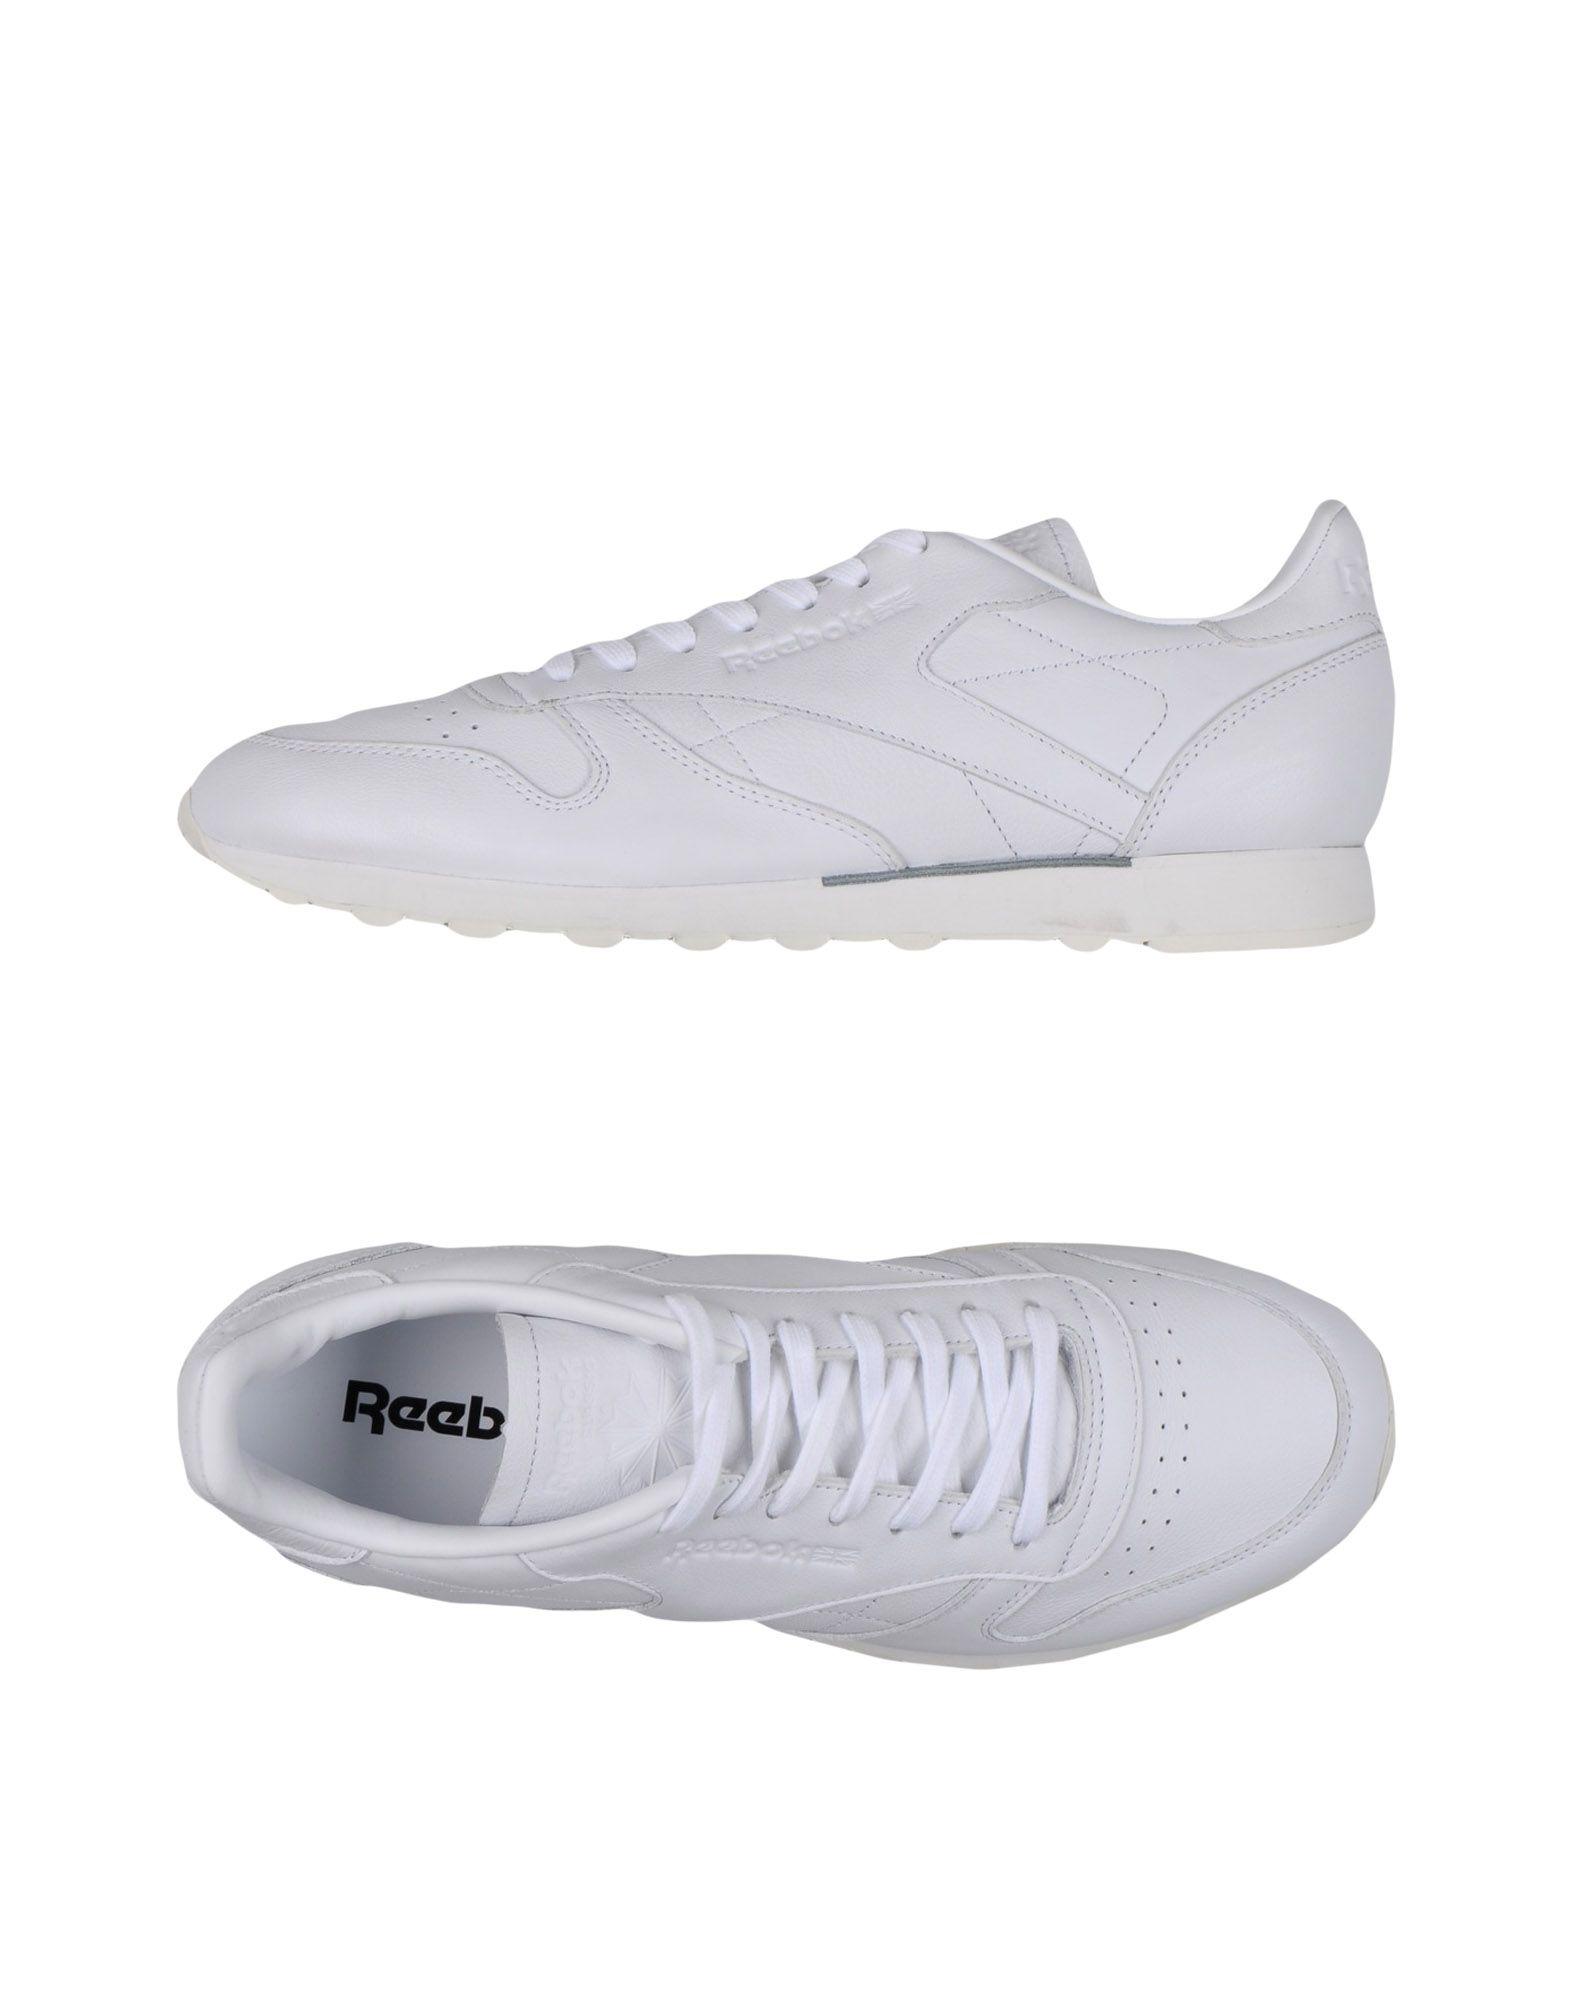 11360702LQ Reebok Sneakers Herren  11360702LQ  Heiße Schuhe 039a31